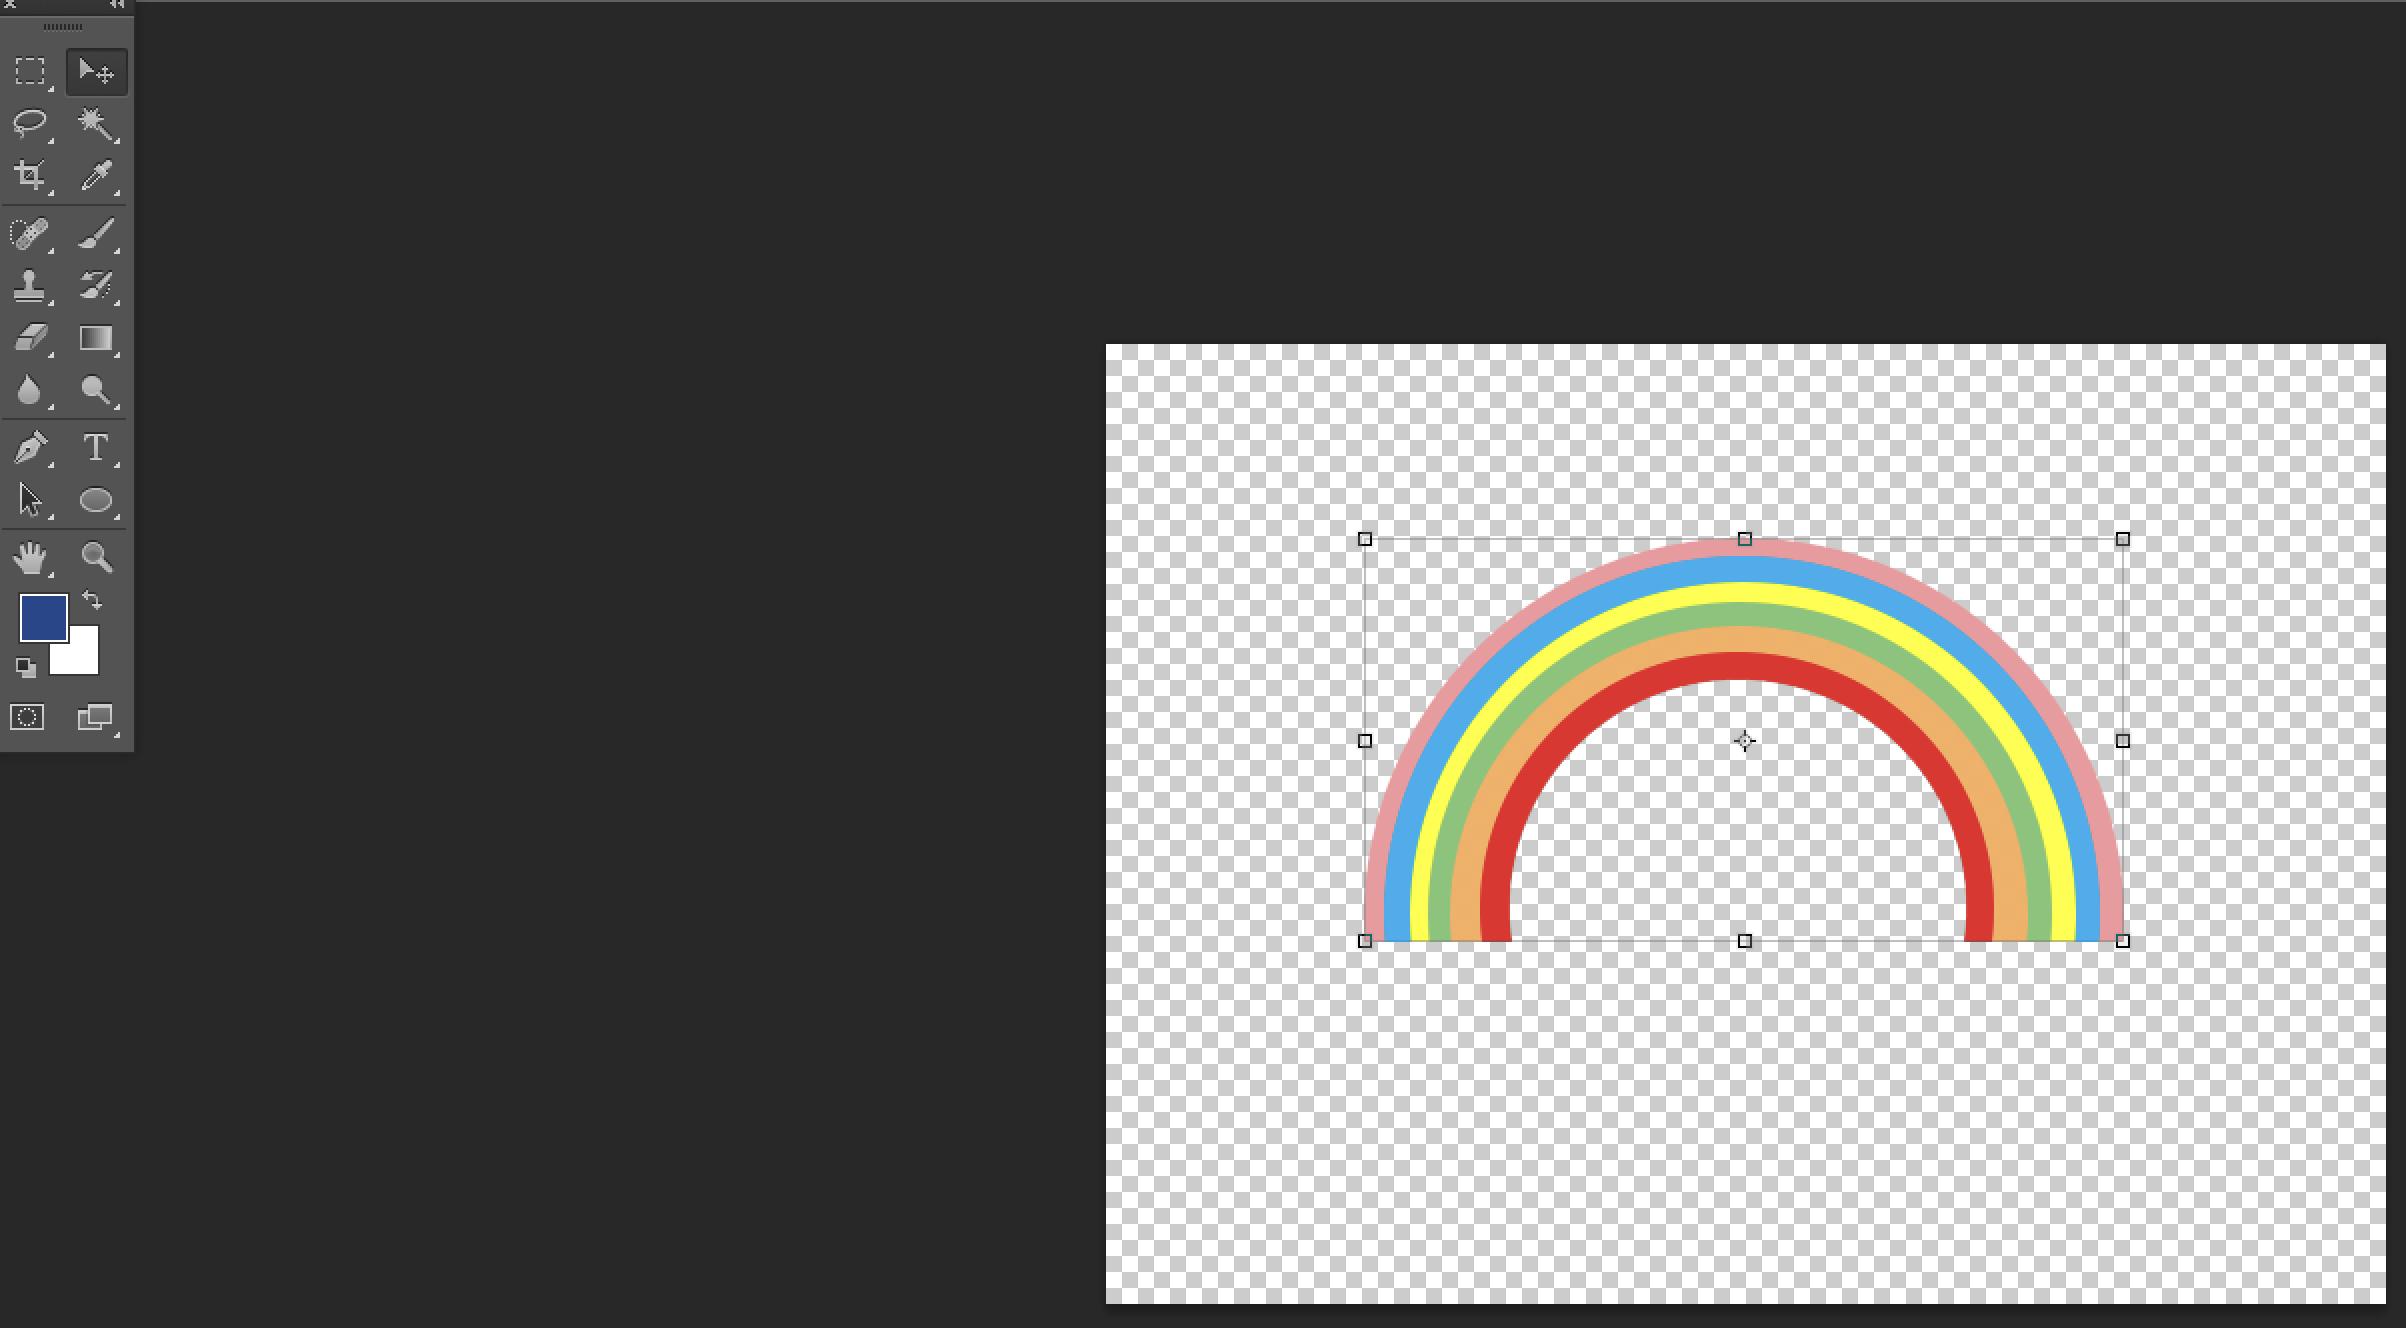 Rainbow in Phtoshop